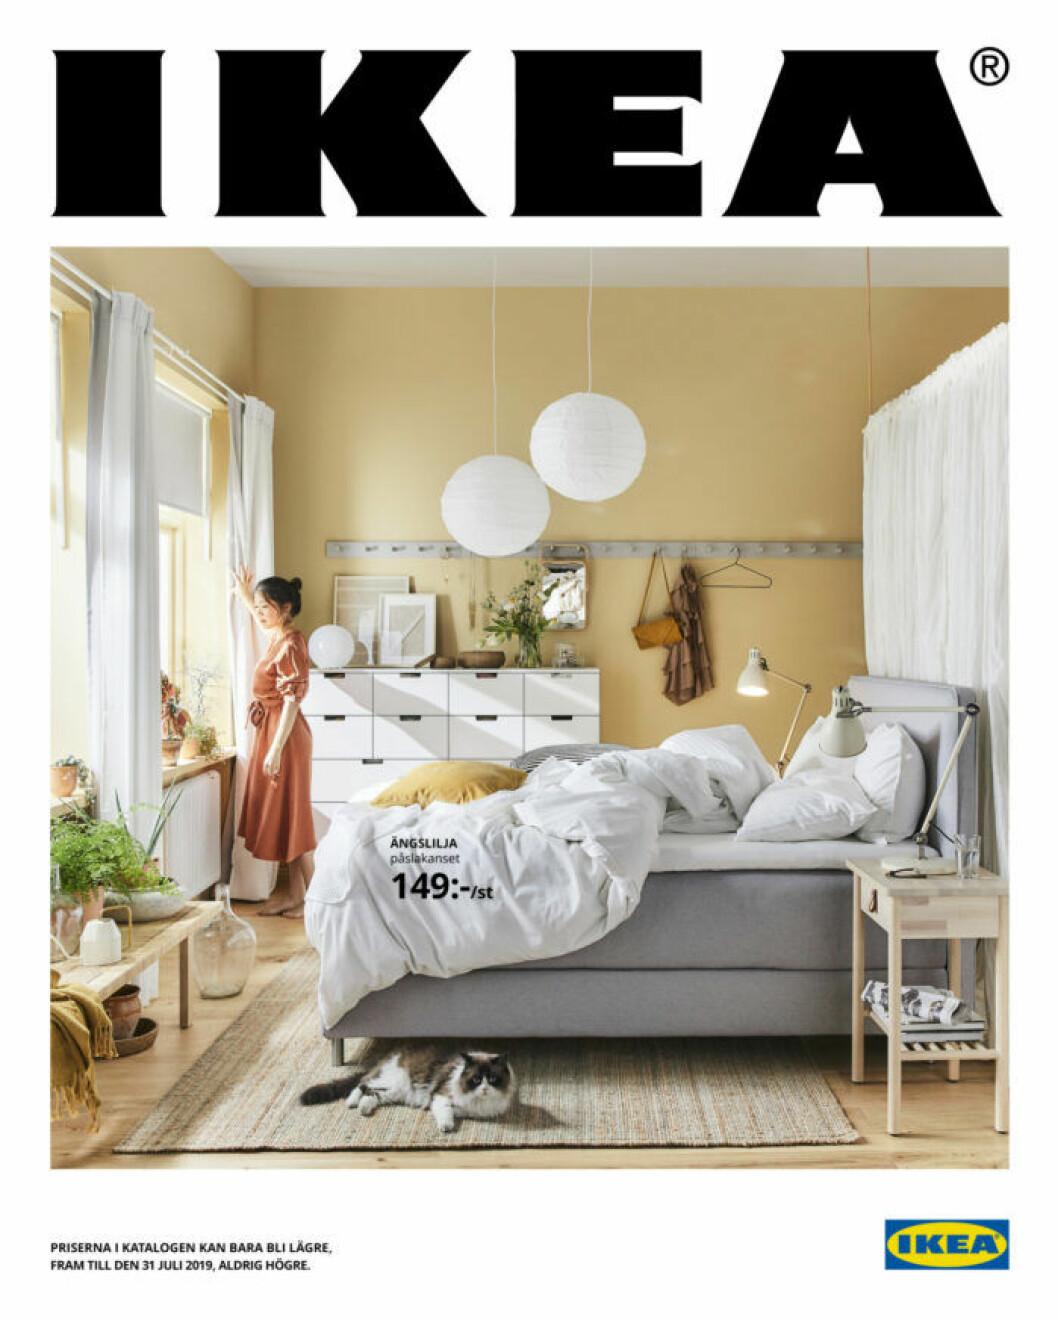 Ikea-katalogen våren 2019